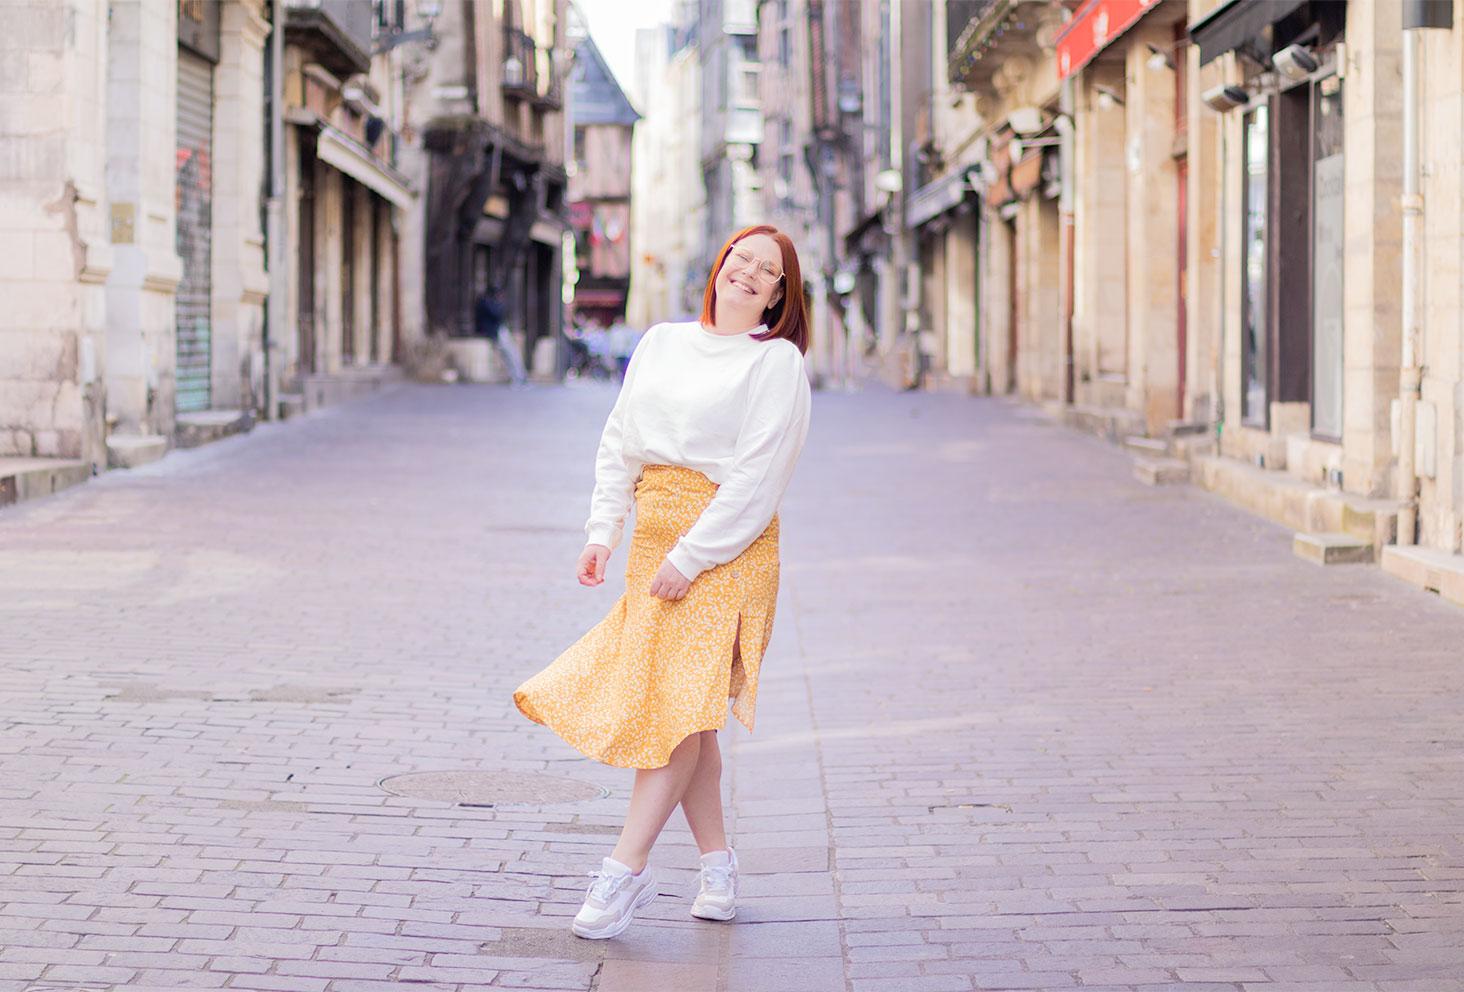 Jupe fluide et jaune La Halle, portée avec le sourire en plein centre ville, avec un sweat aux épaules bouffantes blanc